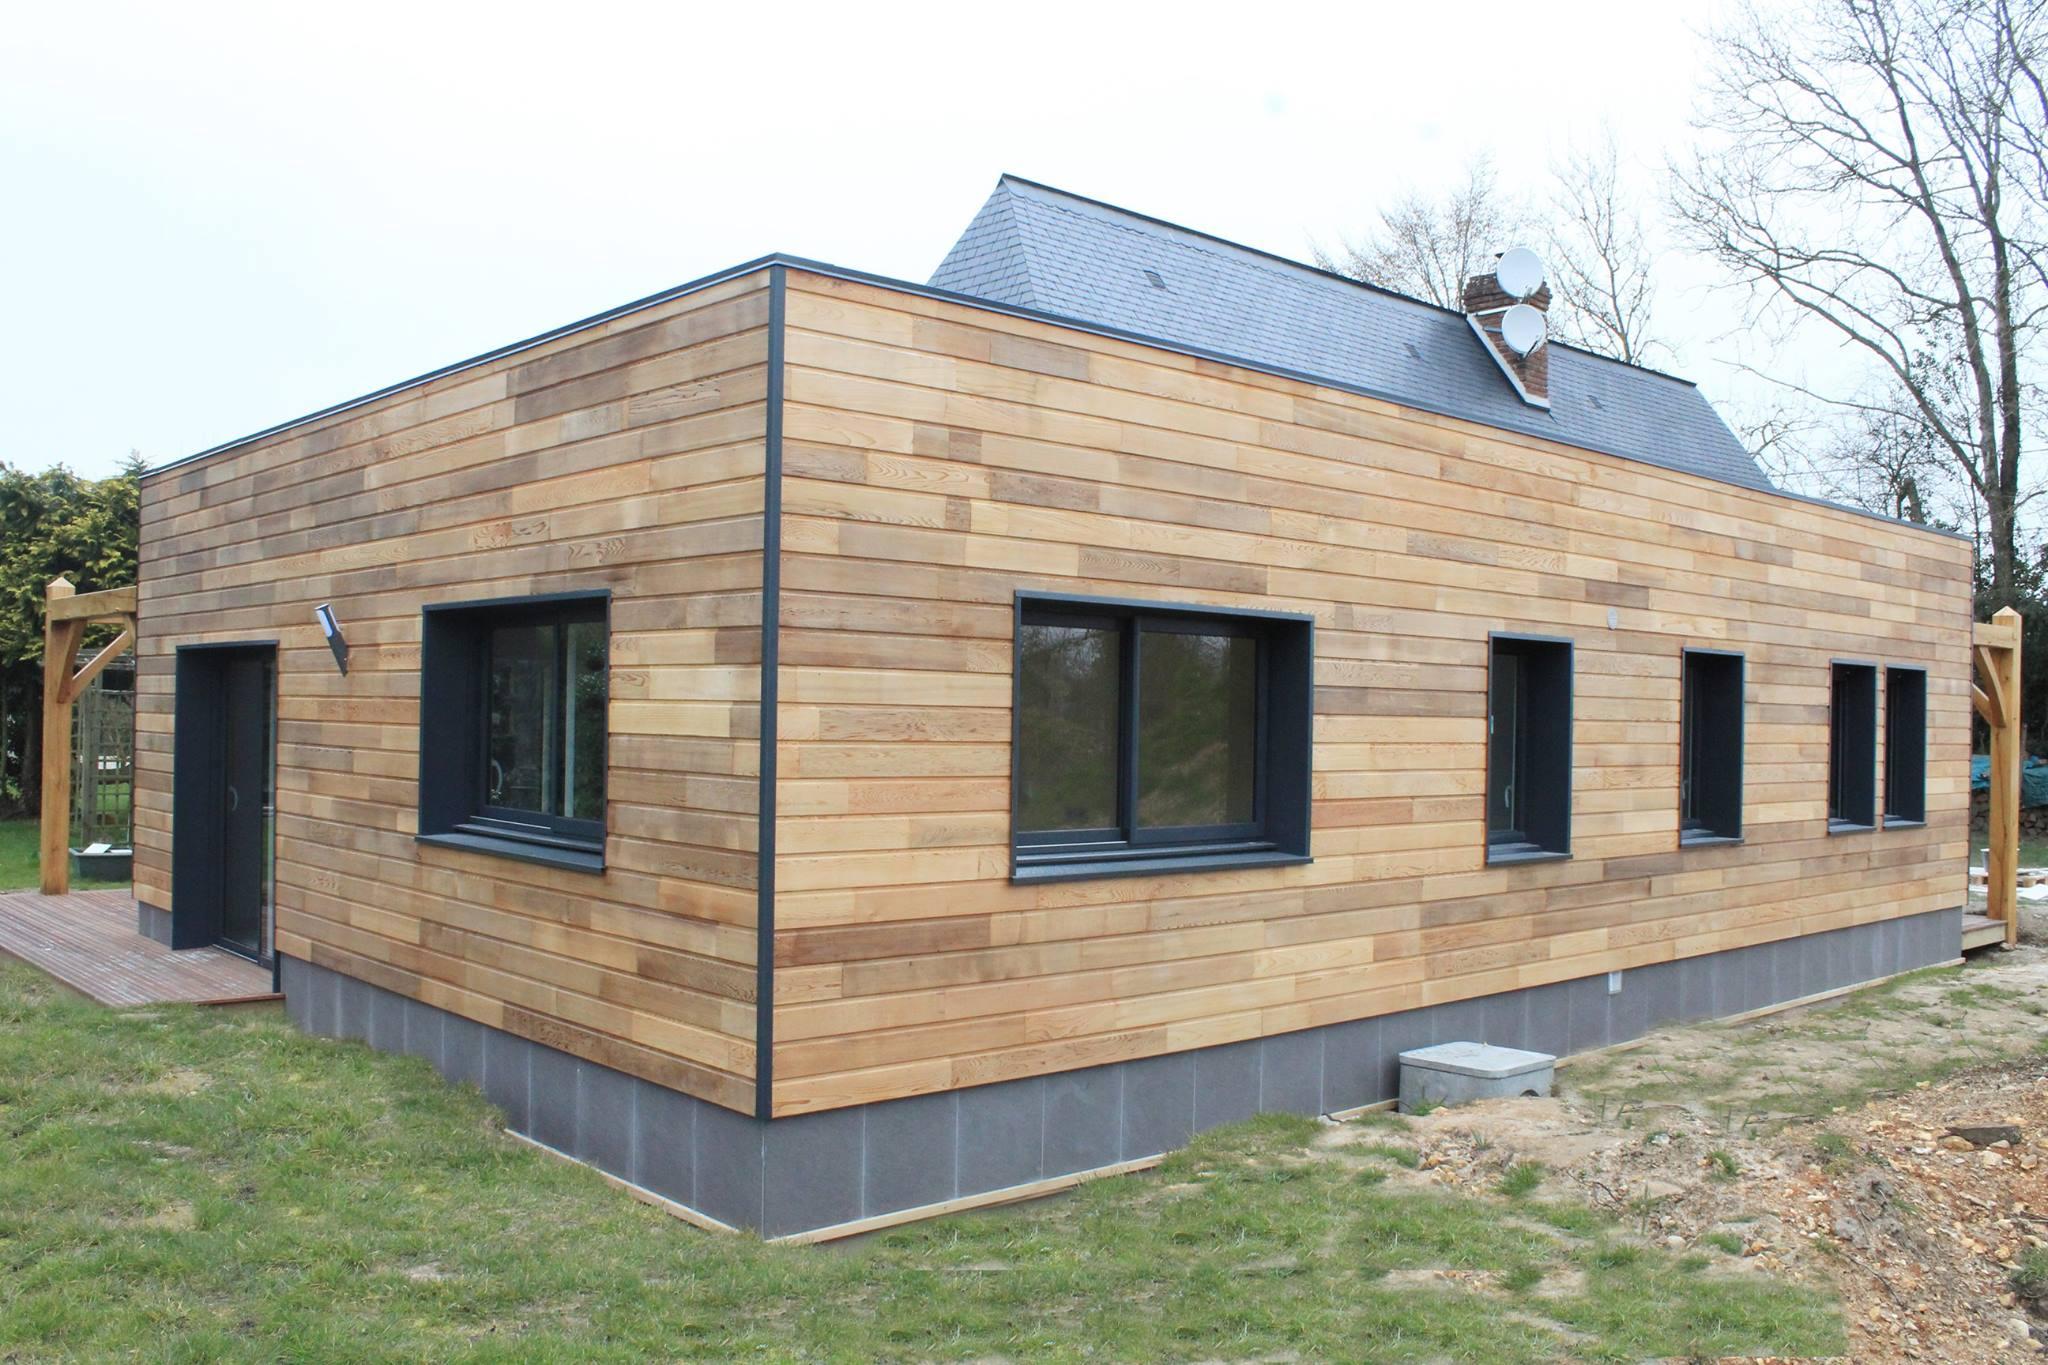 ossature bois alliance bois construction - Epaisseur Mur Maison Ossature Bois